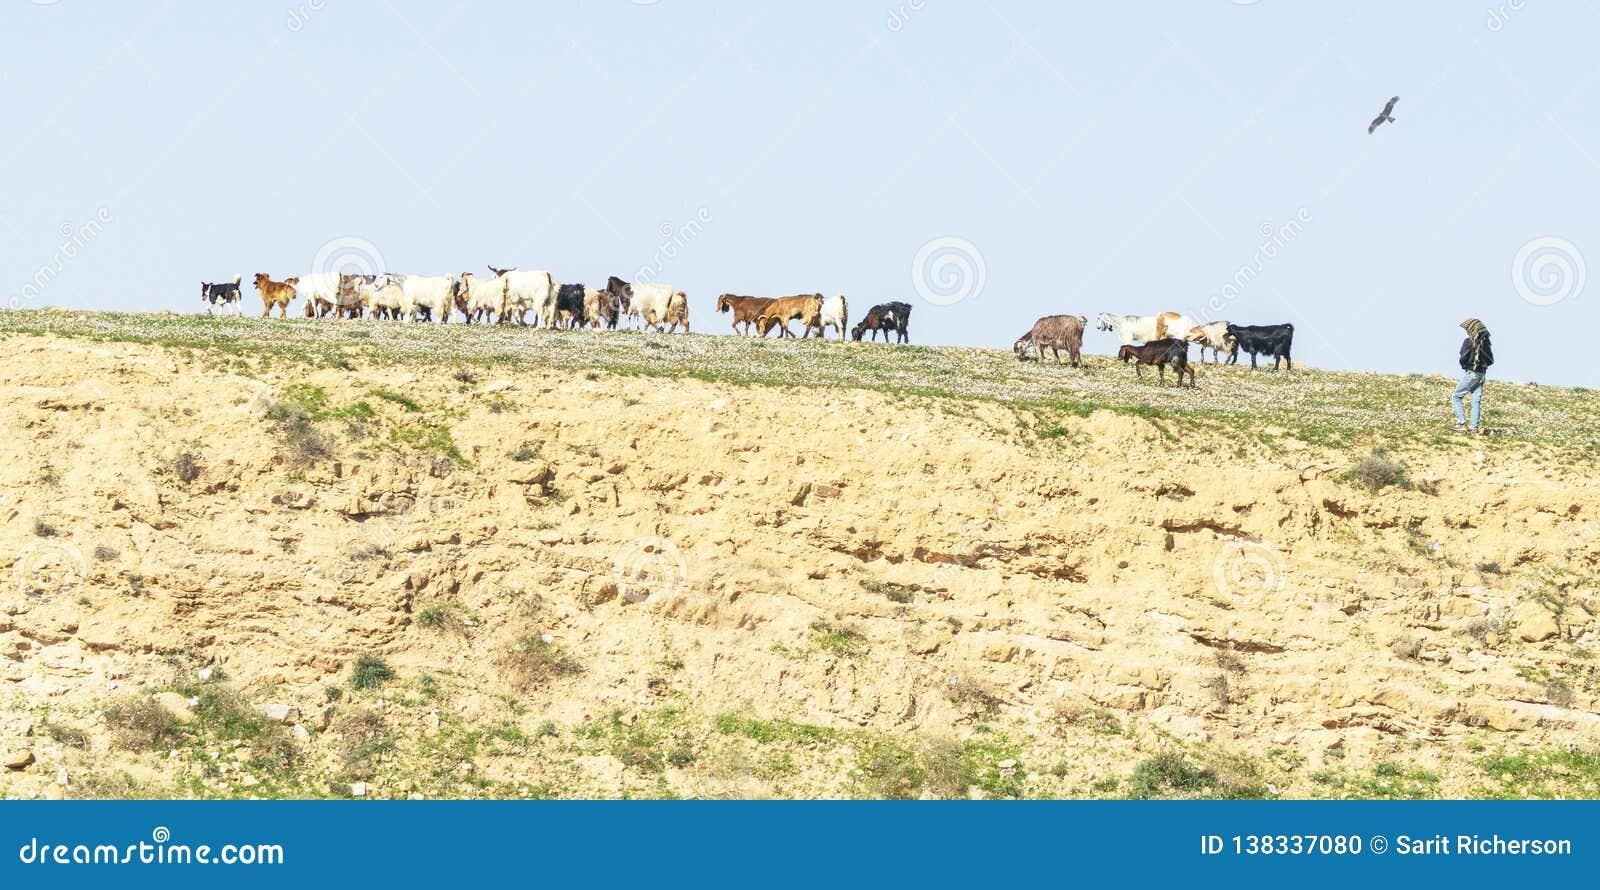 Beduino y perros que reúnen cabras cerca de Arad en Israel